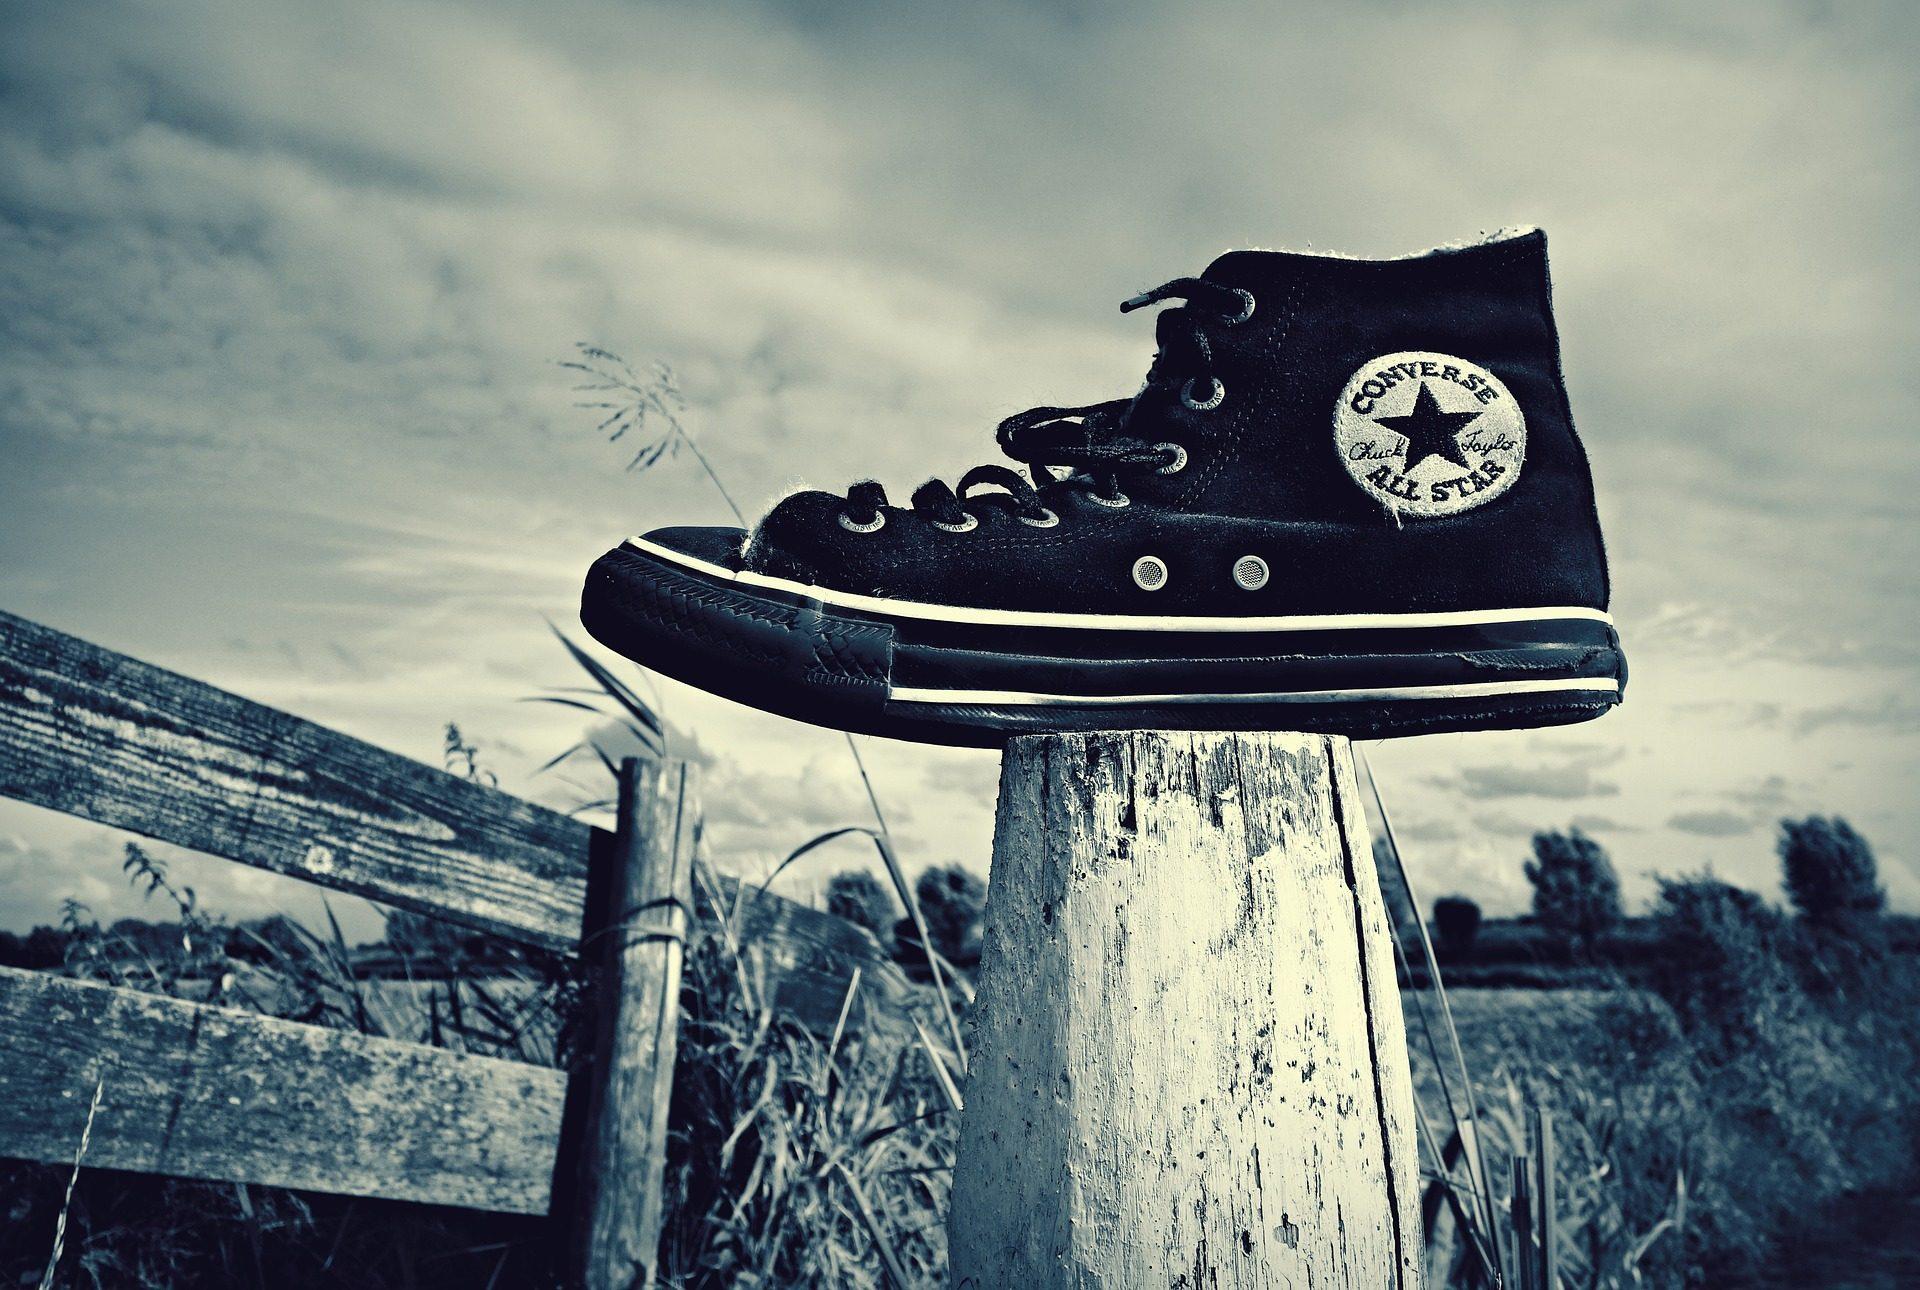 靴, 投稿, ソレダ, コンバース, 黒と白の - HD の壁紙 - 教授-falken.com